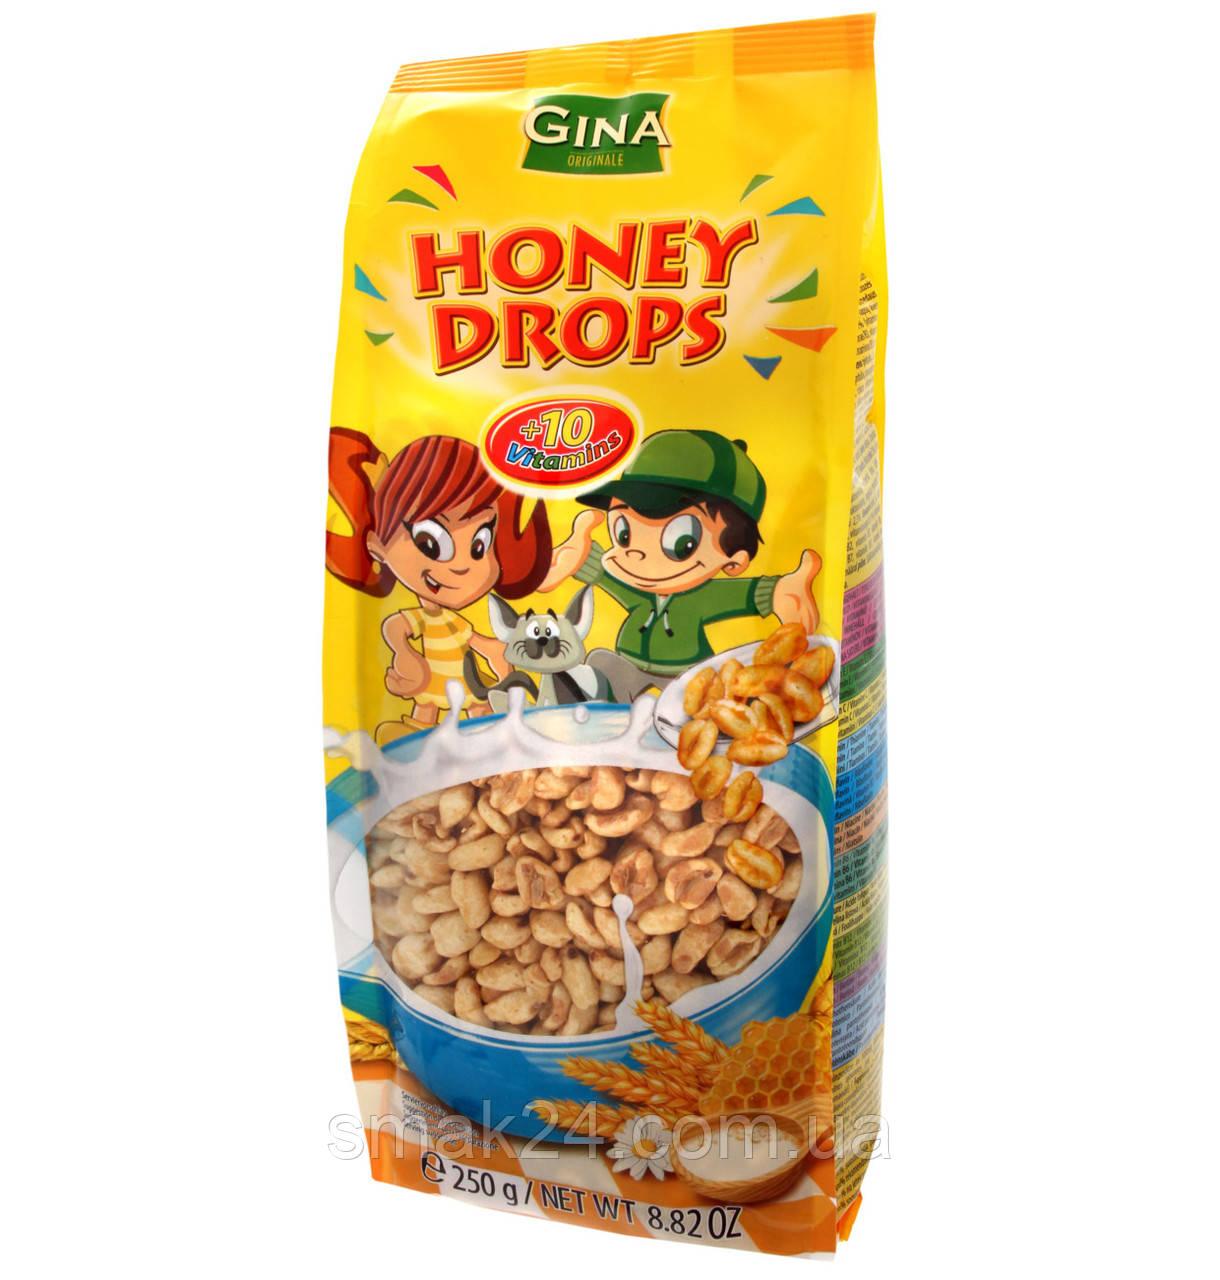 Сухой завтрак Пшеничные Капли меда + 10 витаминов Honey Drops Gina 250г Австрия